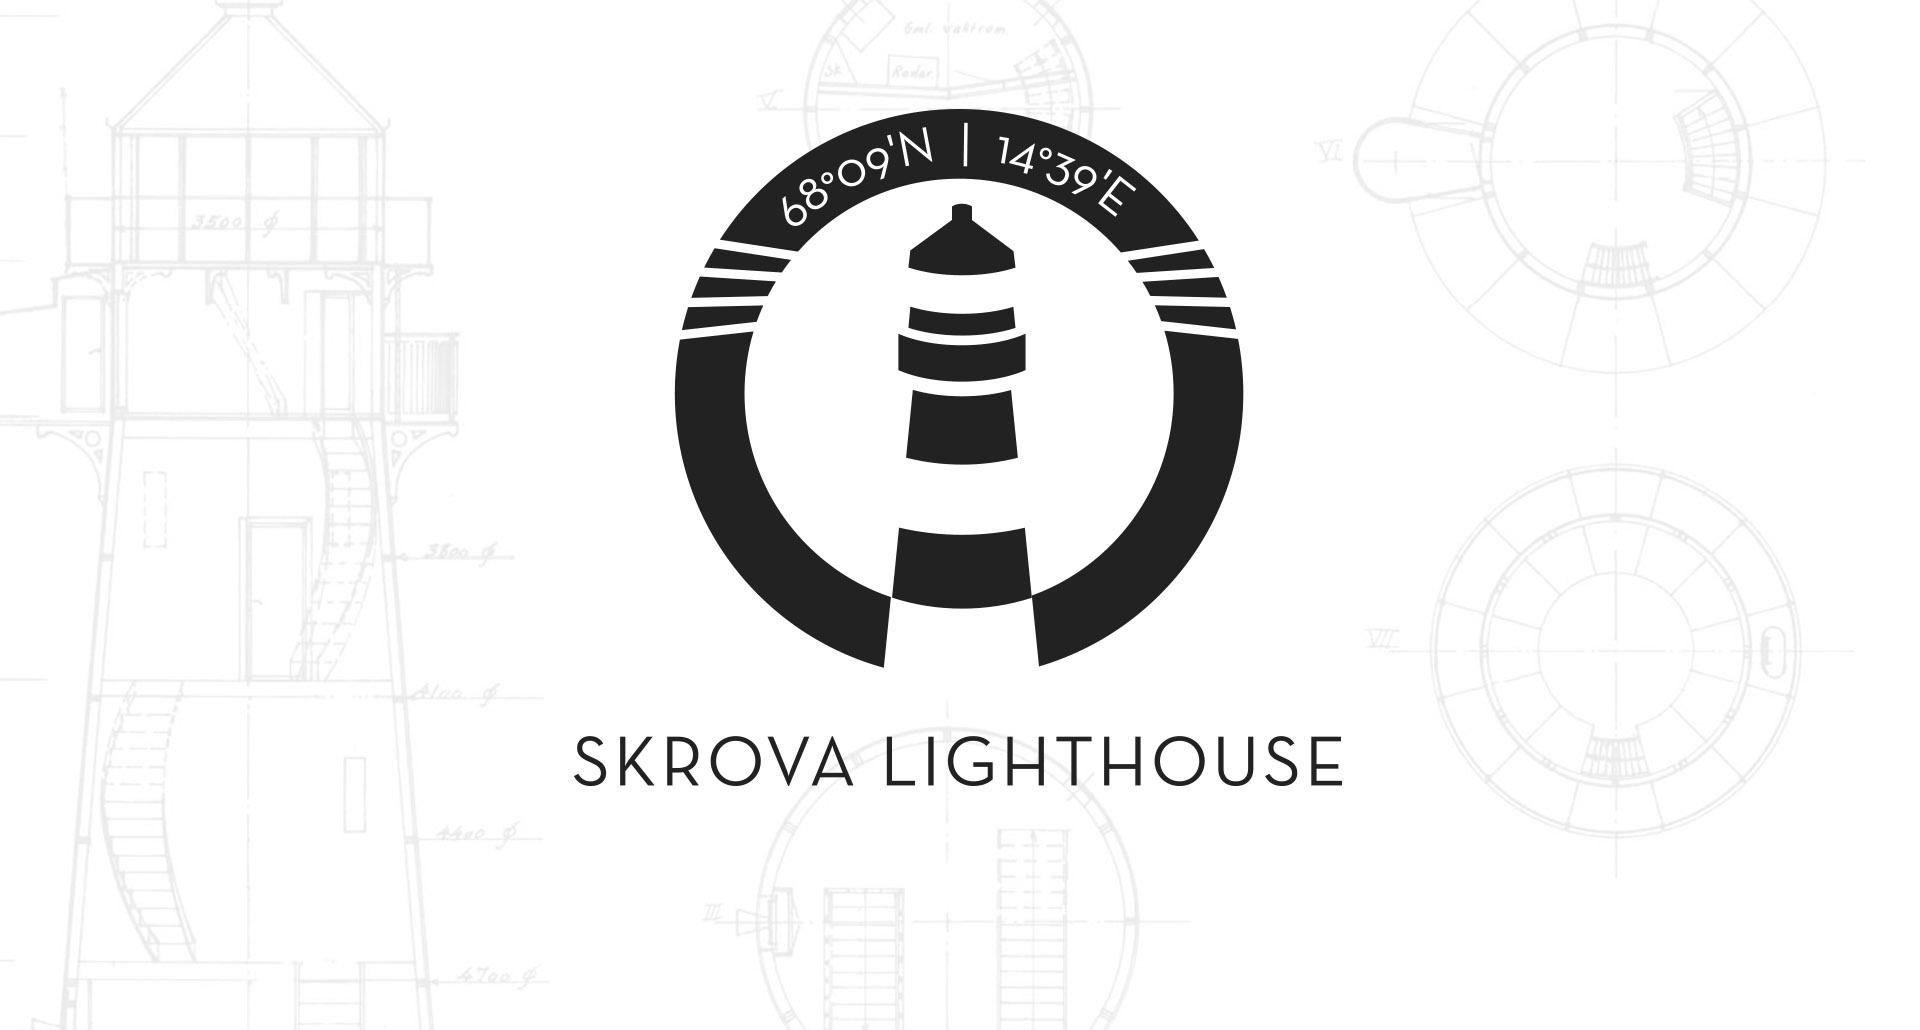 Skrova Lightouse